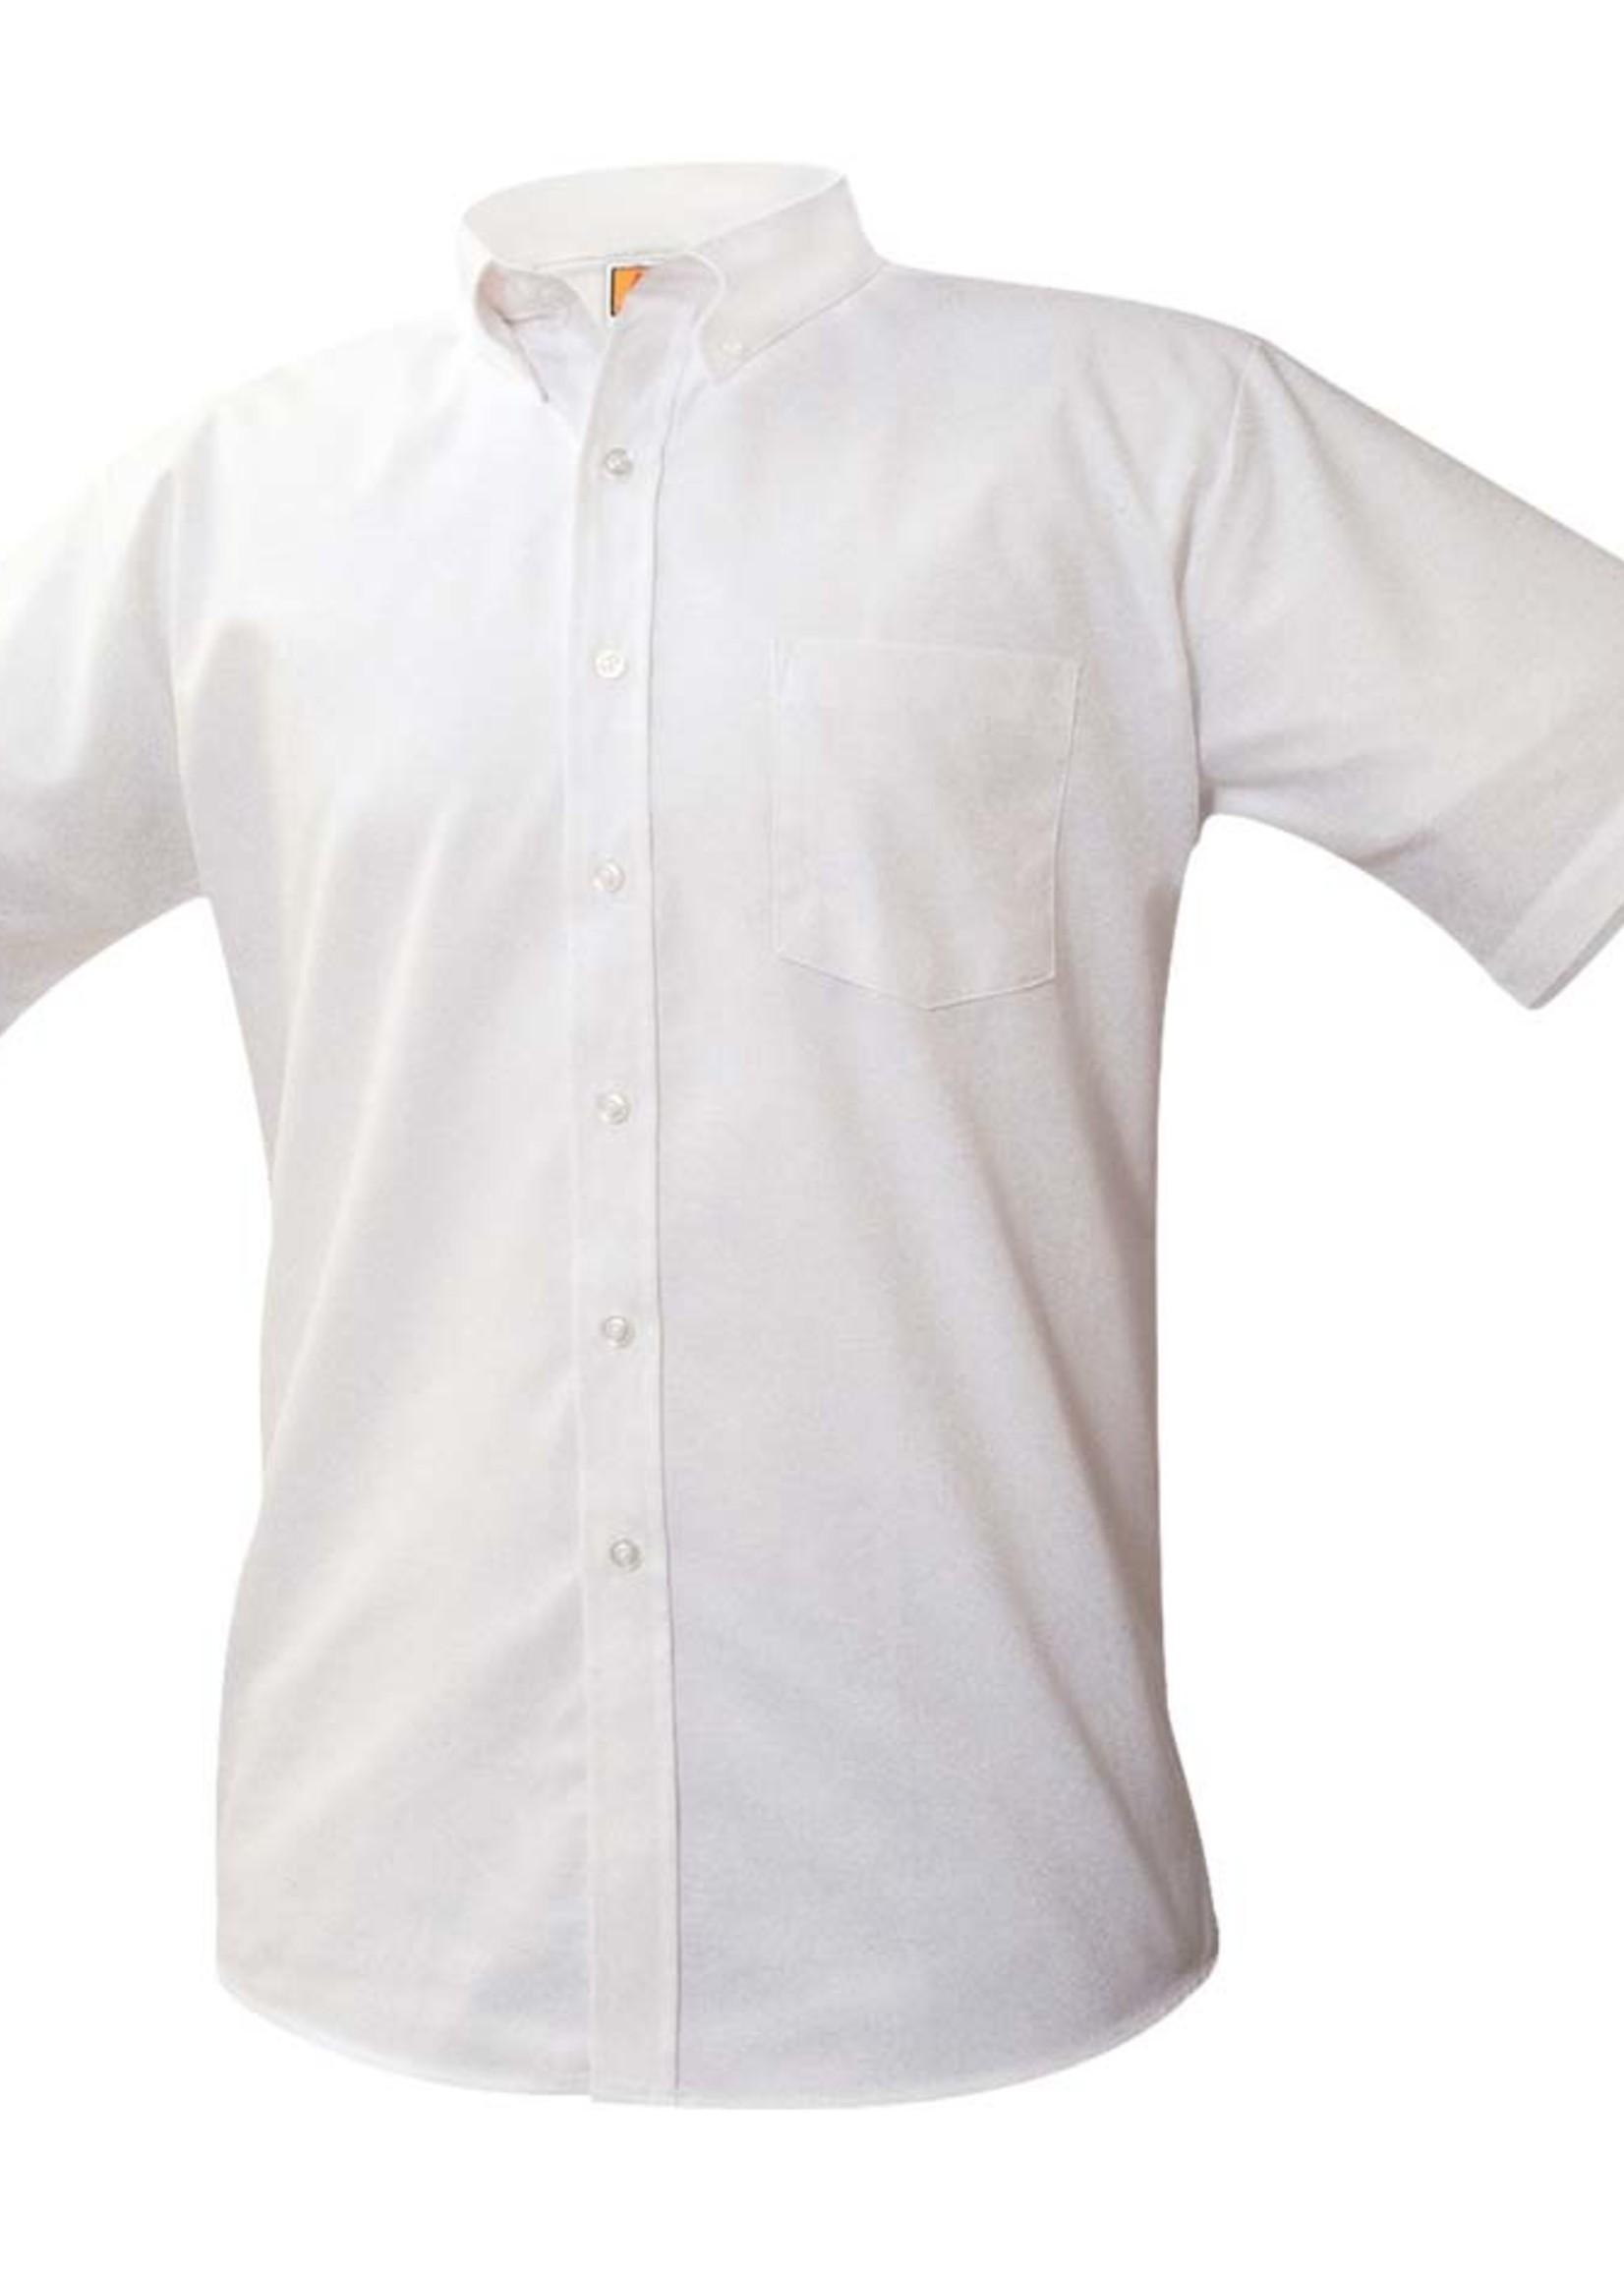 Null JDA White Short Sleeve Oxford Shirt